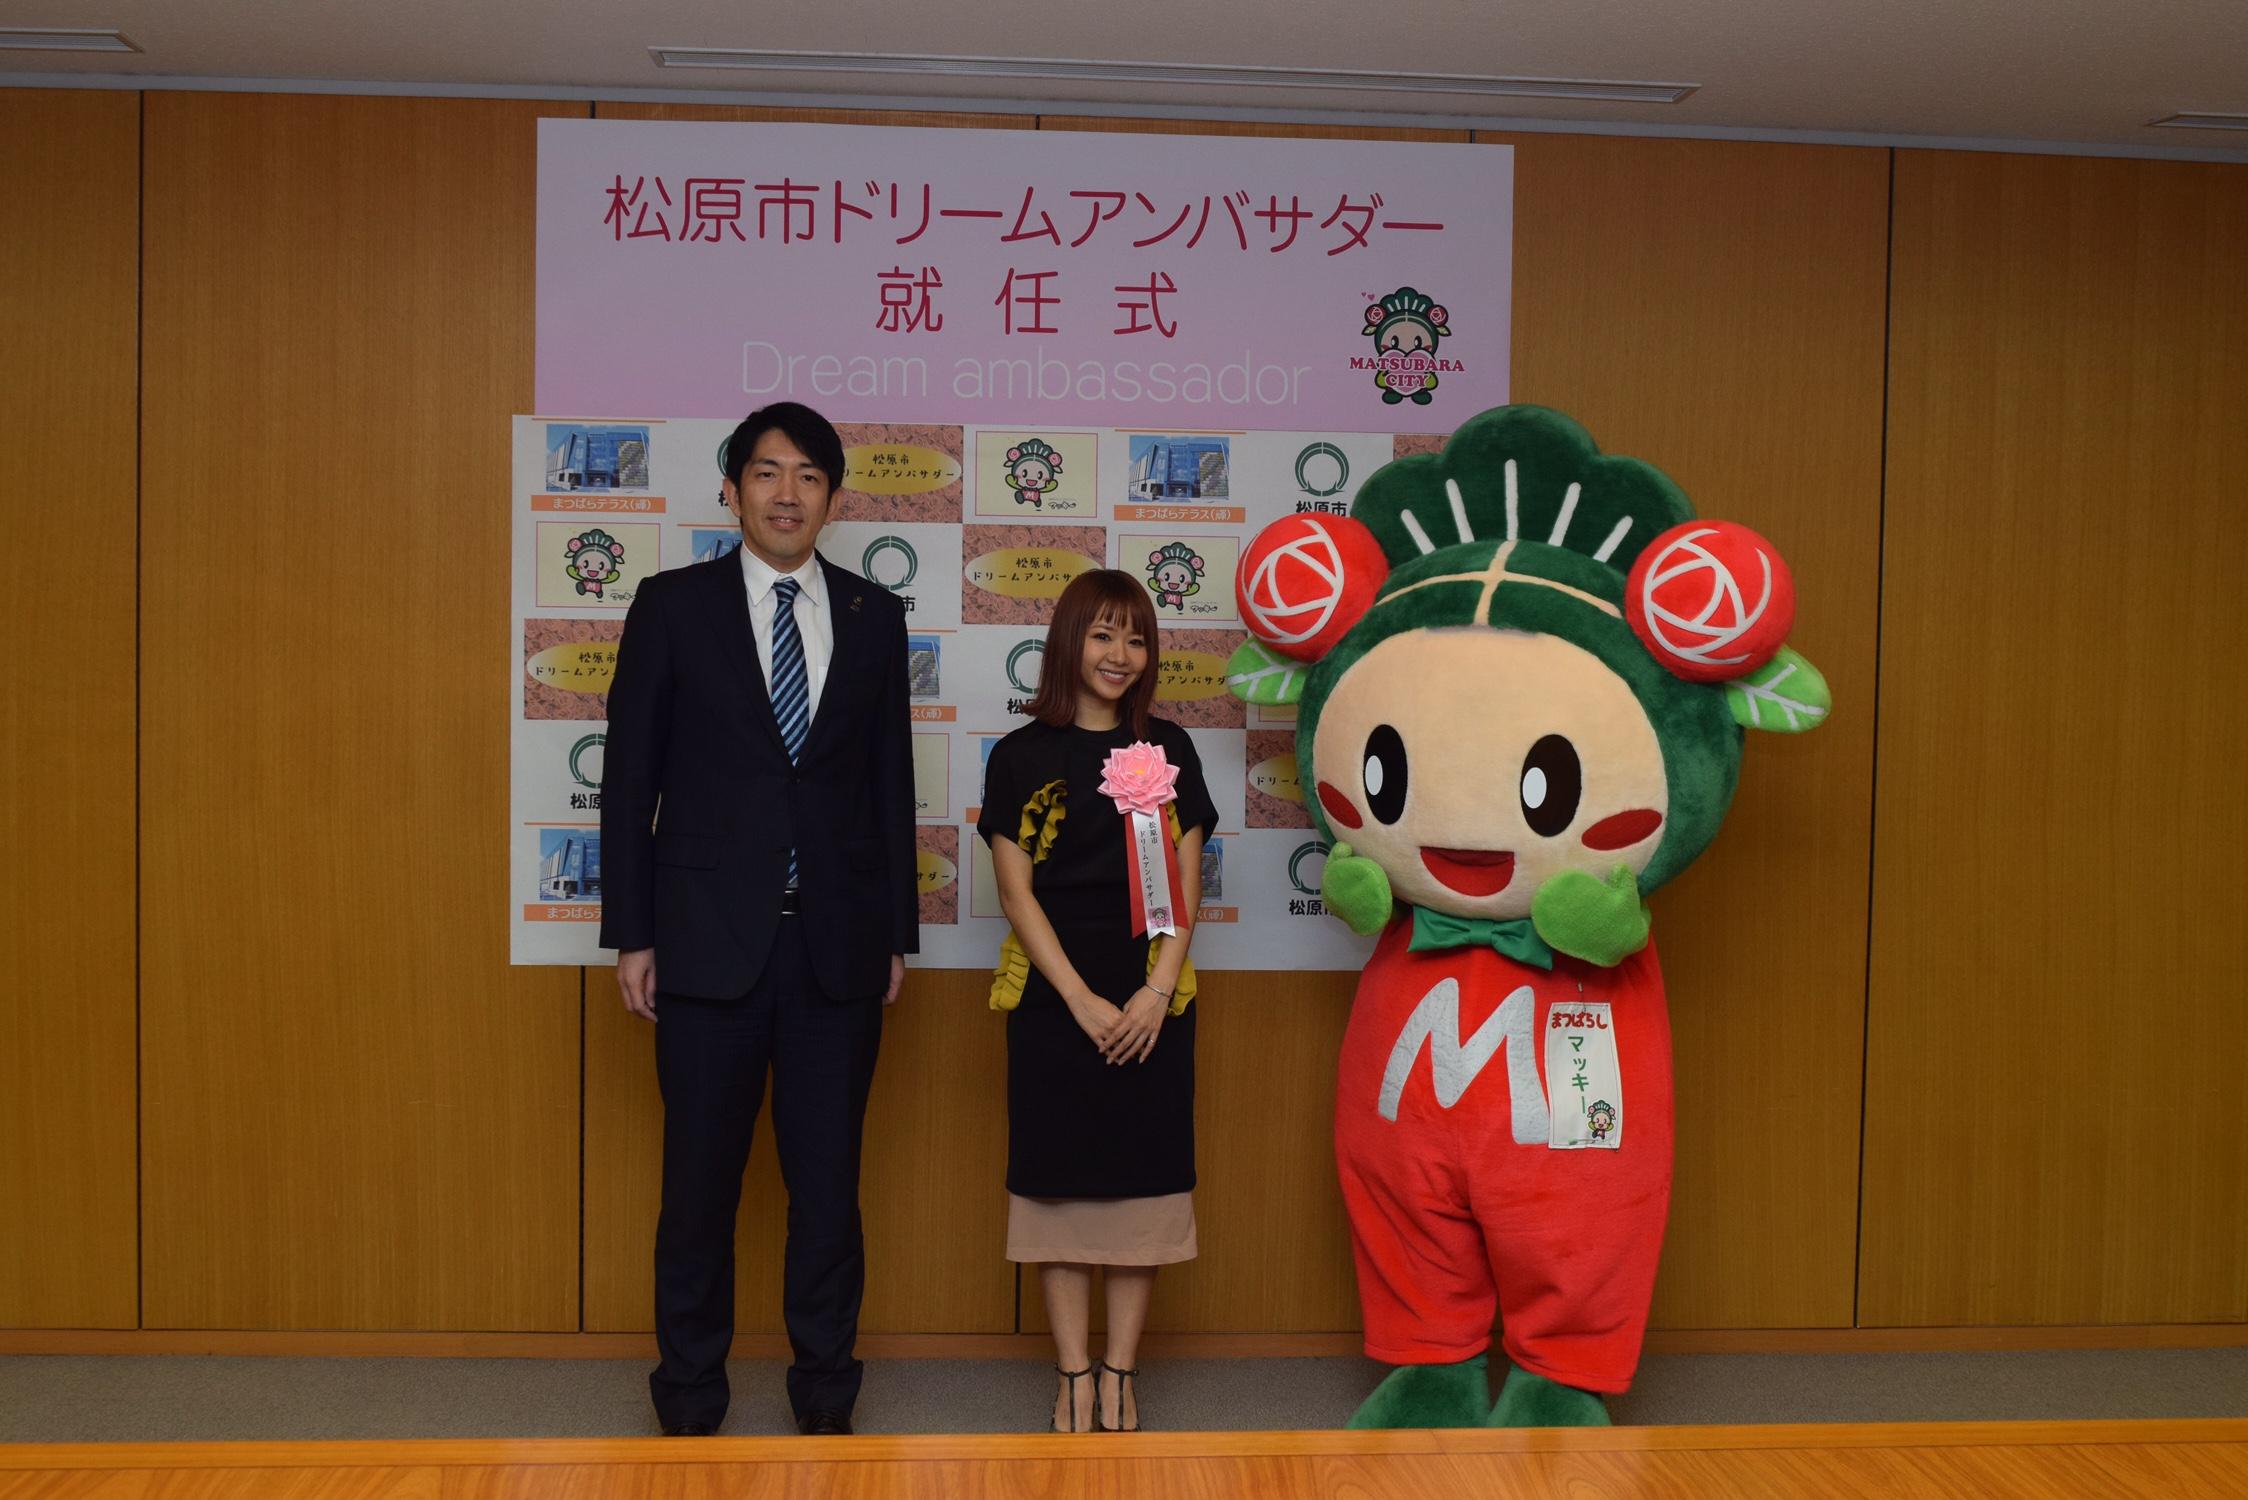 E-girls・Aya、地元、大阪・松原市の初代「ドリームアンバサダー」に就任!「夢を与えられるような存在に」